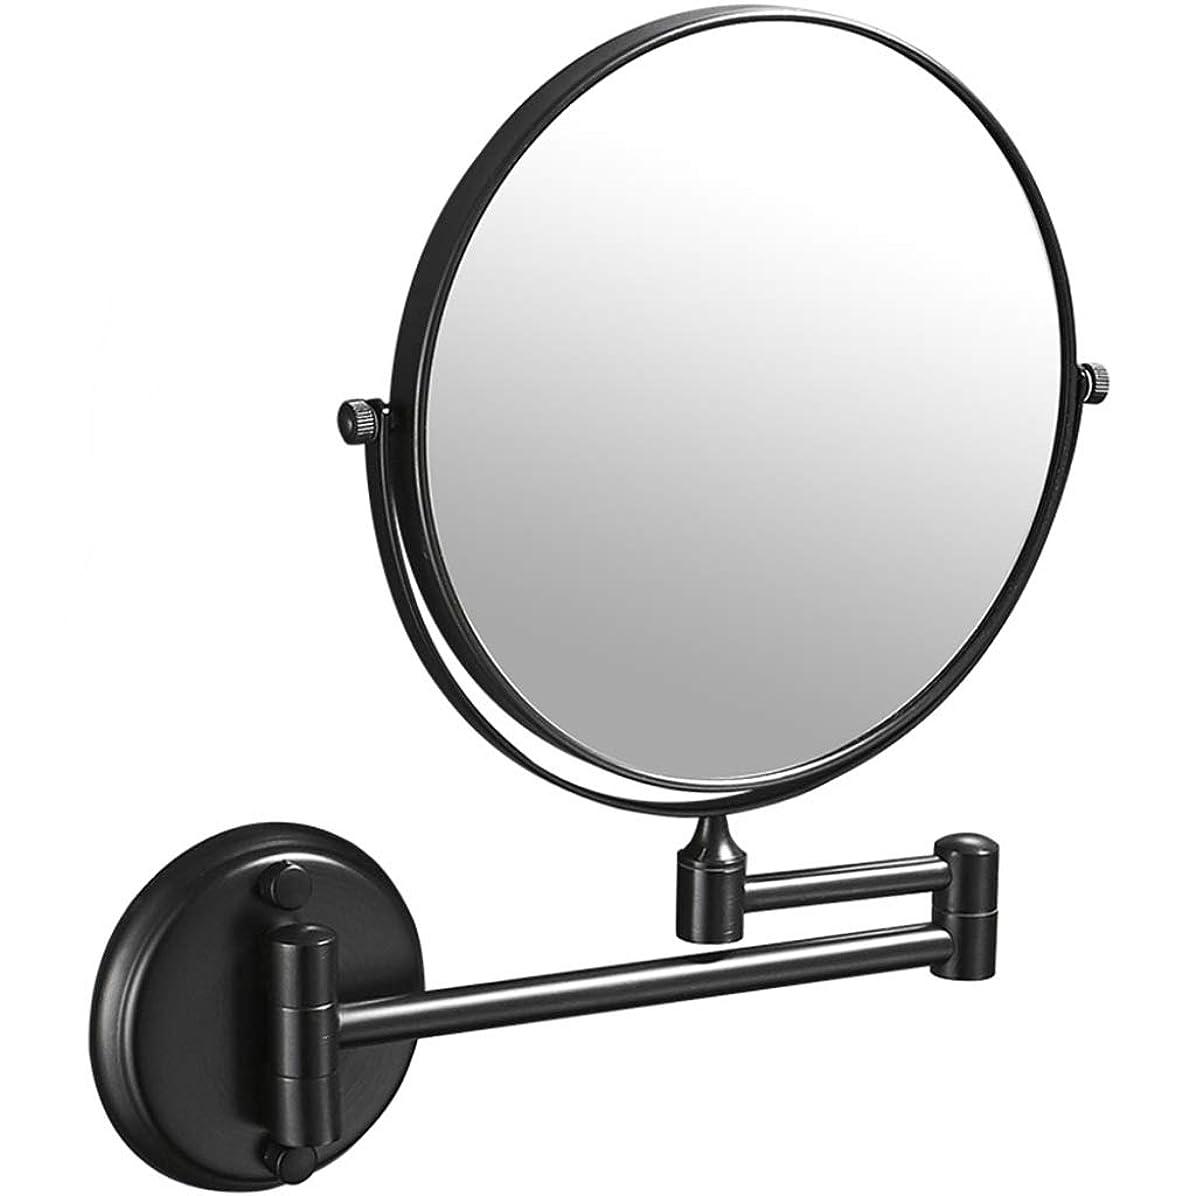 能力蜜そのようなHUYYA シェービングミラー 壁付 丸め、バスルームメイクアップミラー 3 倍拡大鏡 バニティミラー 両面 化粧鏡 寝室や浴室に適しています,Black_8inch